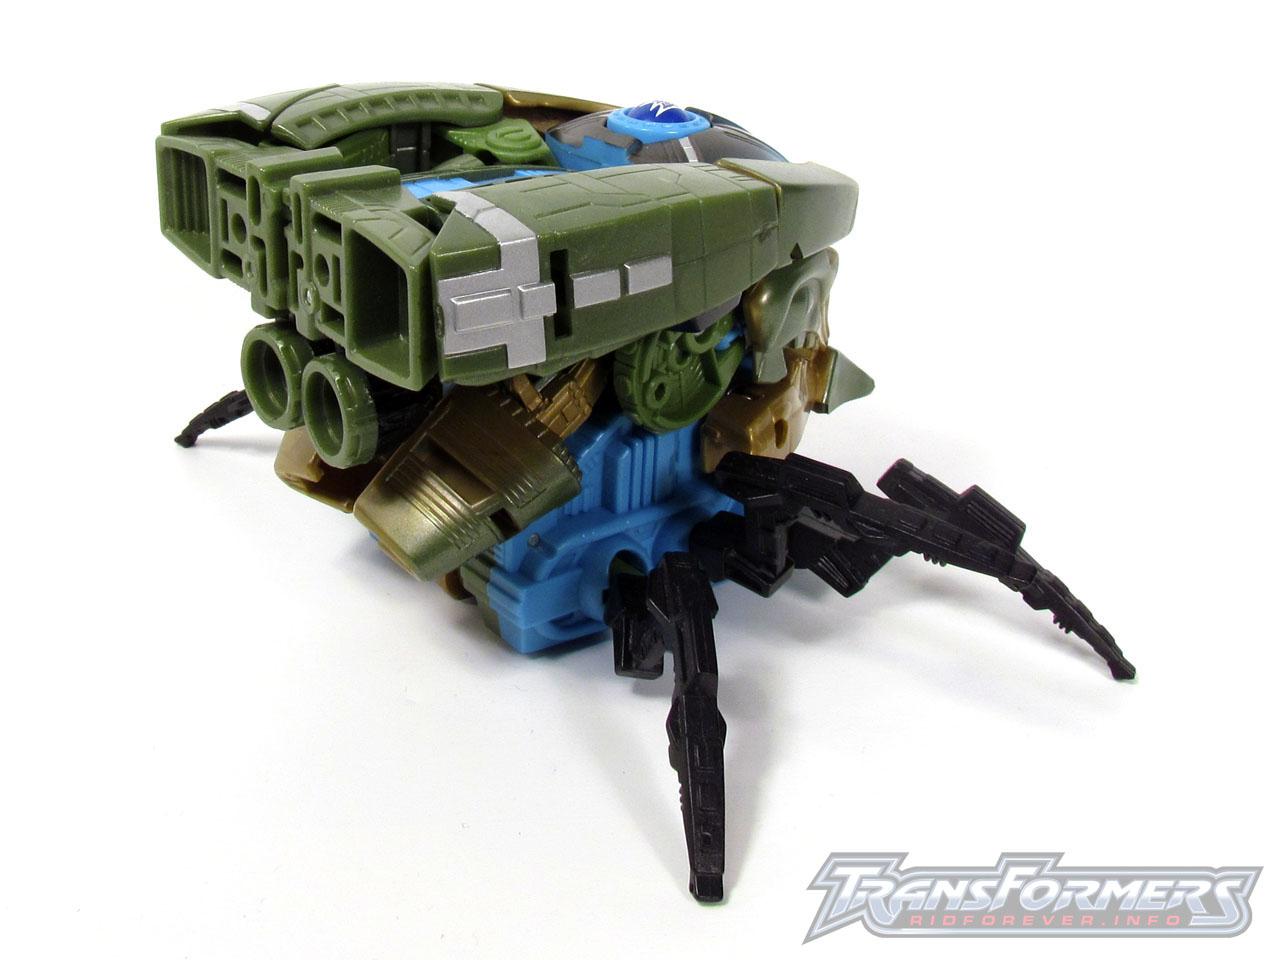 RID Megabolt Megatron Green 017